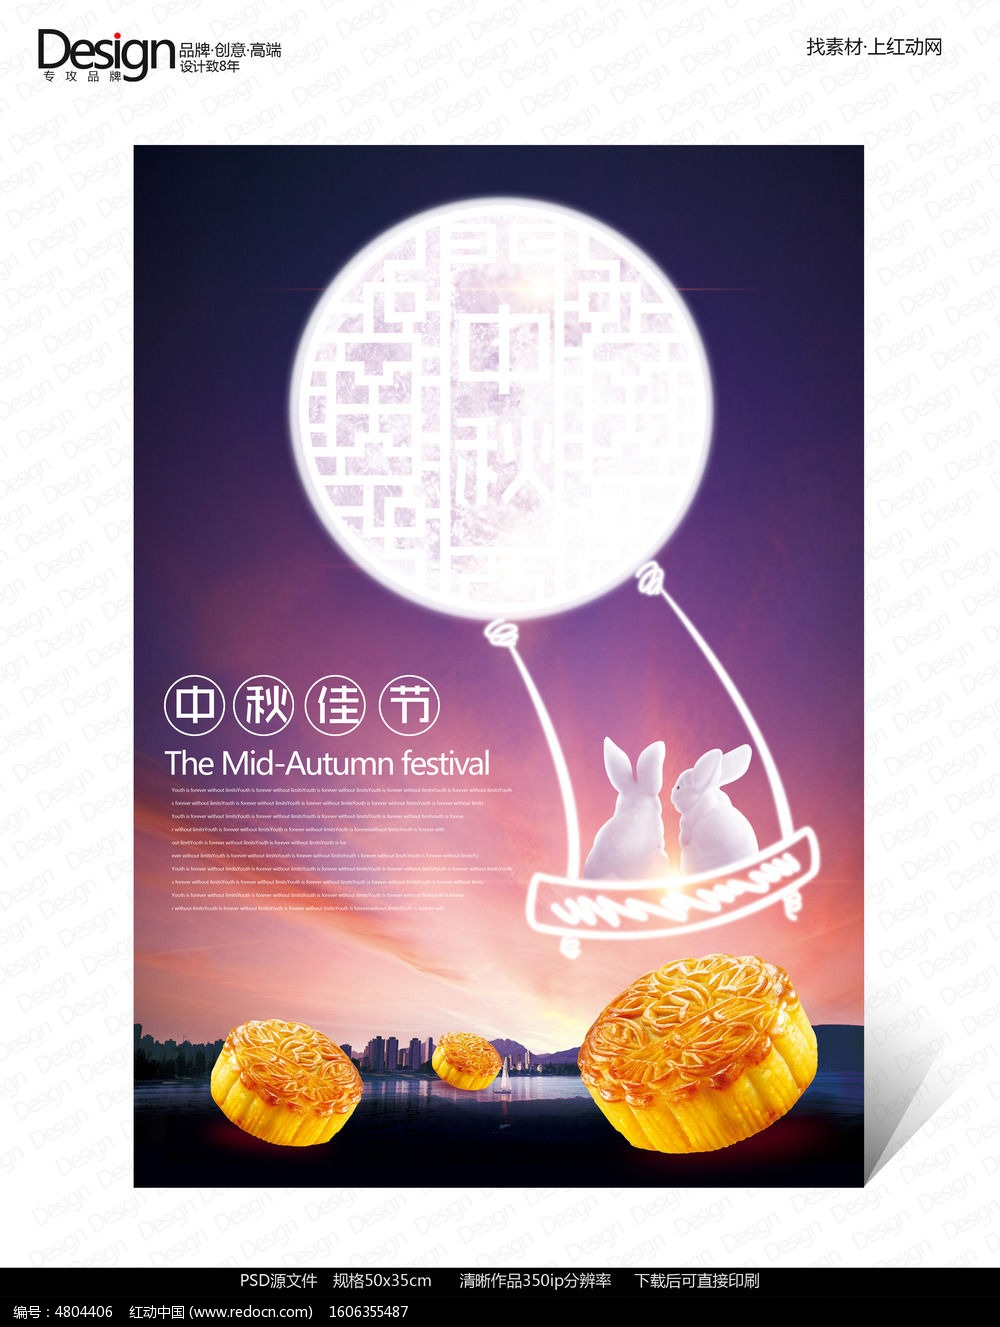 时尚创意中秋节月饼海报设计